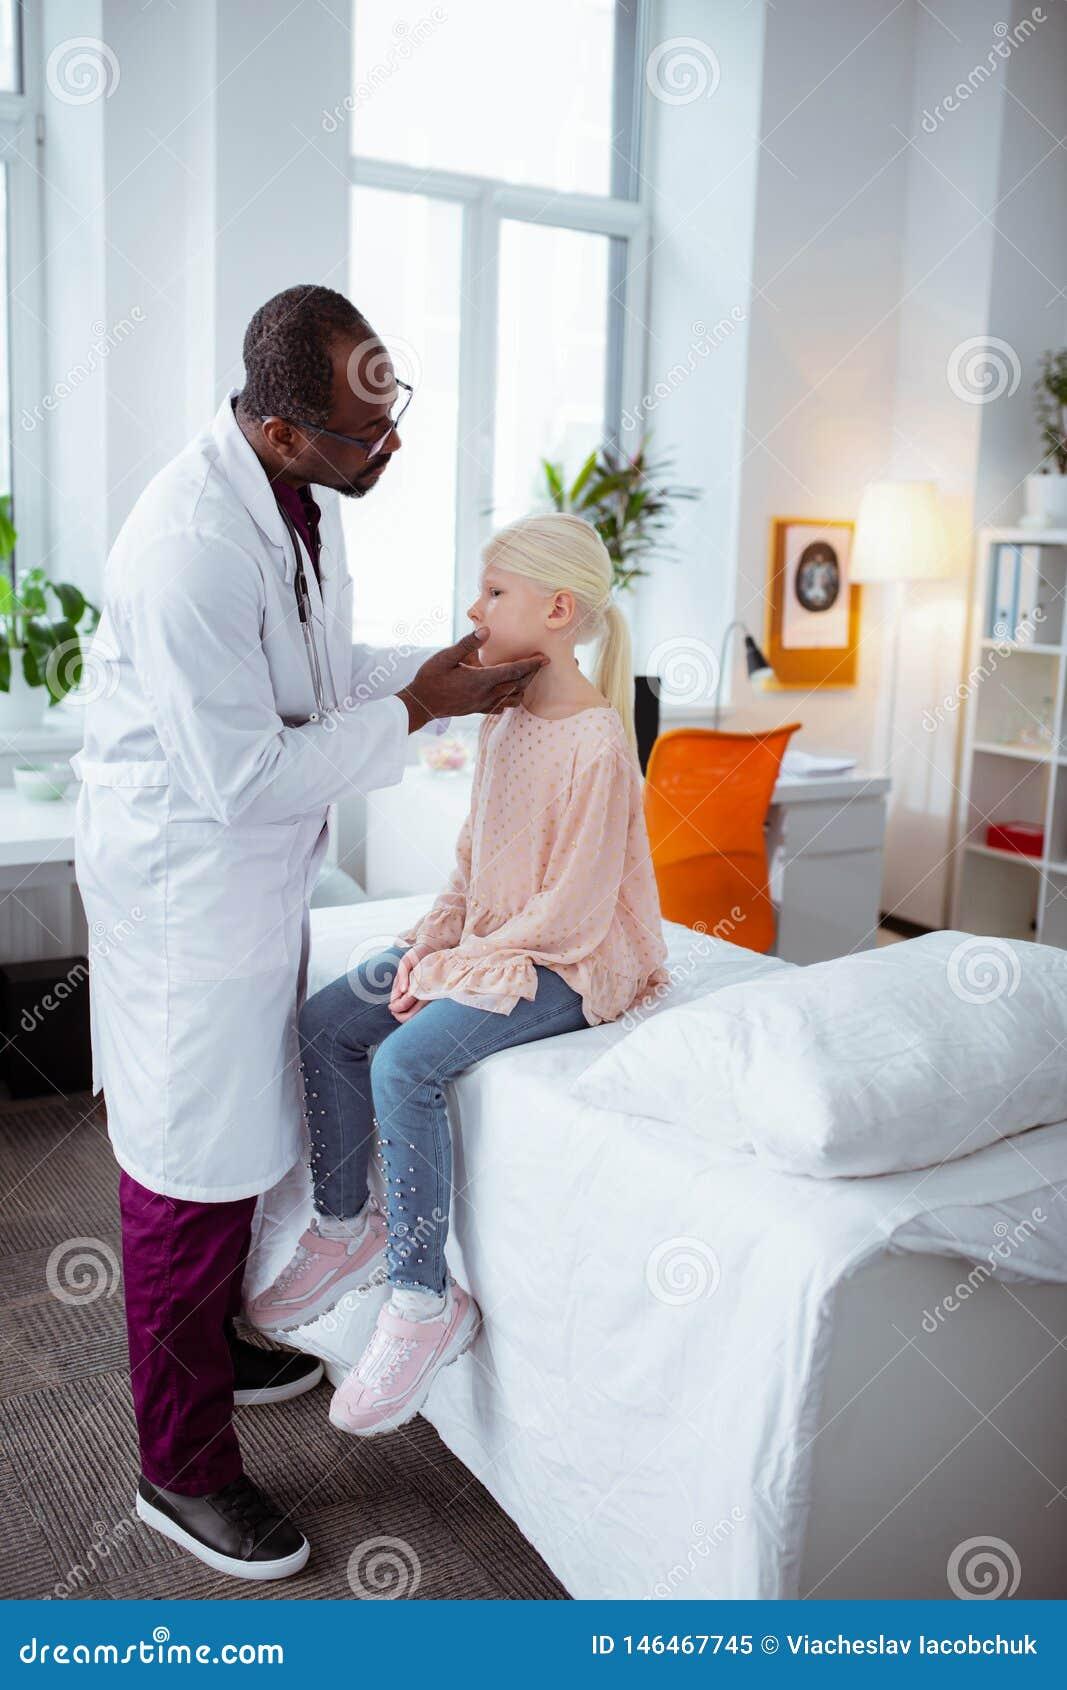 Muchacha Rubio-cabelluda que tiene un poco de garganta dolorida que viene al doctor